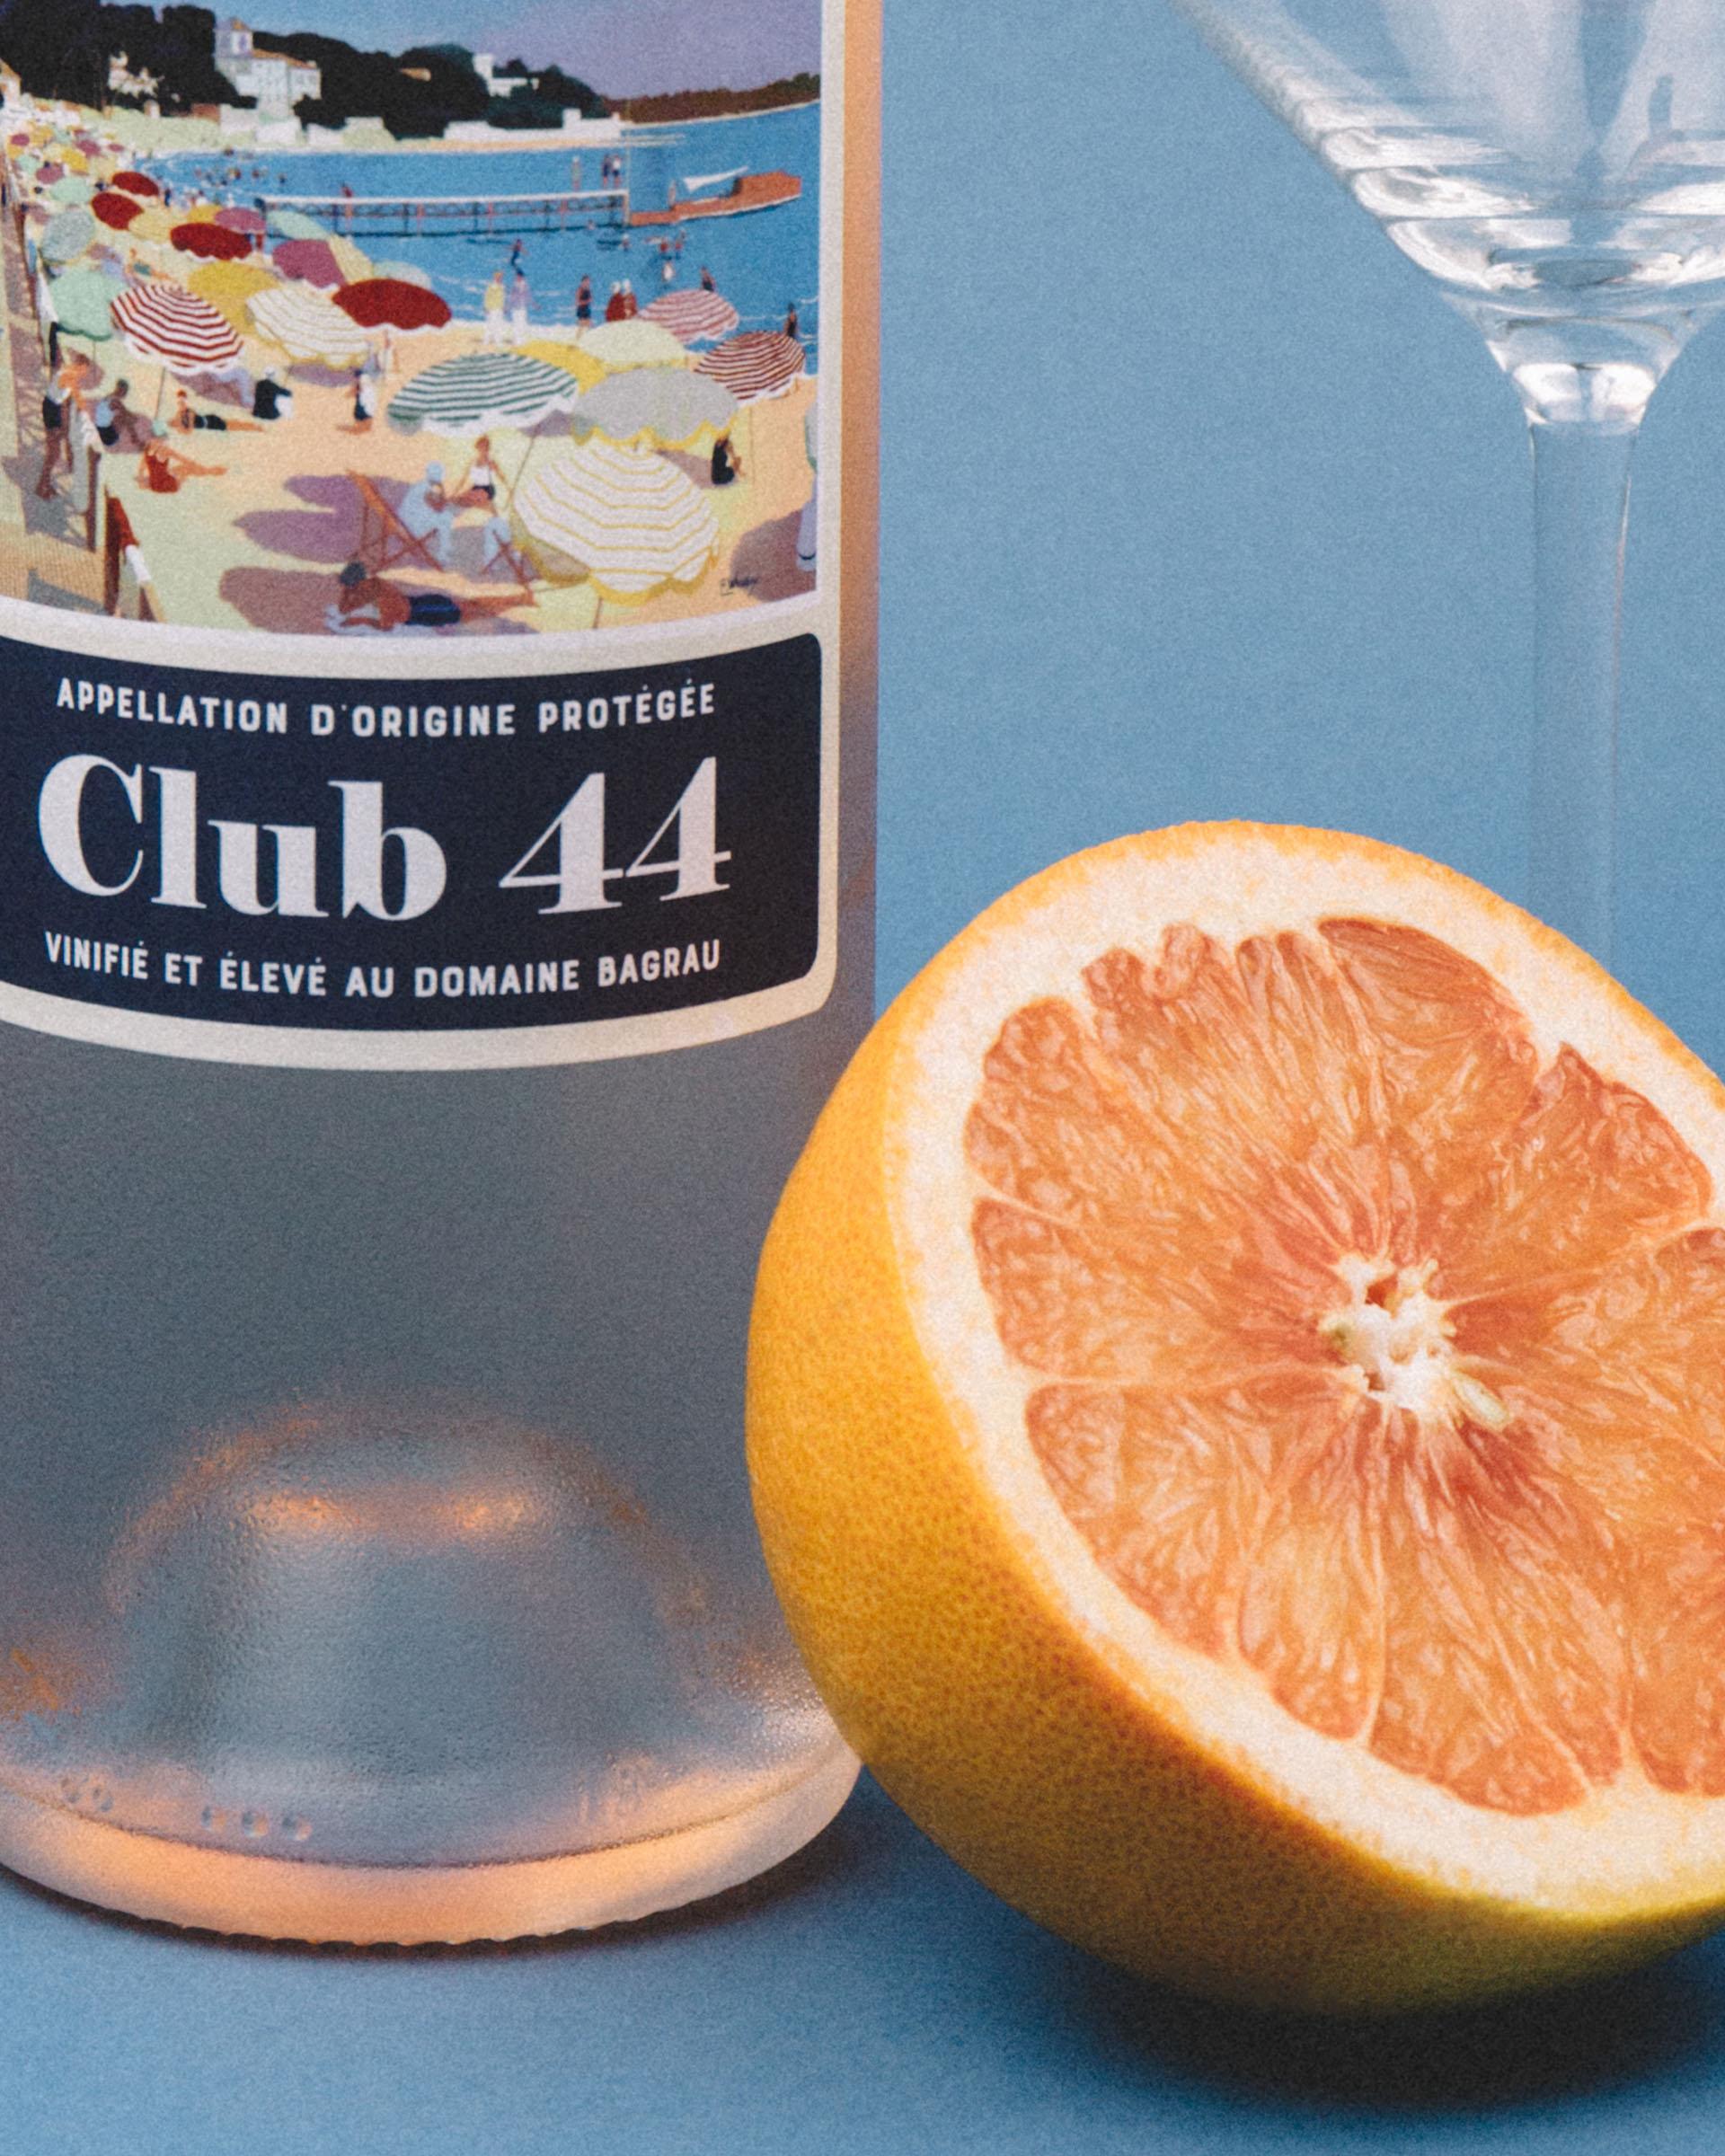 CLUB 44_8x10 artboard1Artboard 7.jpg